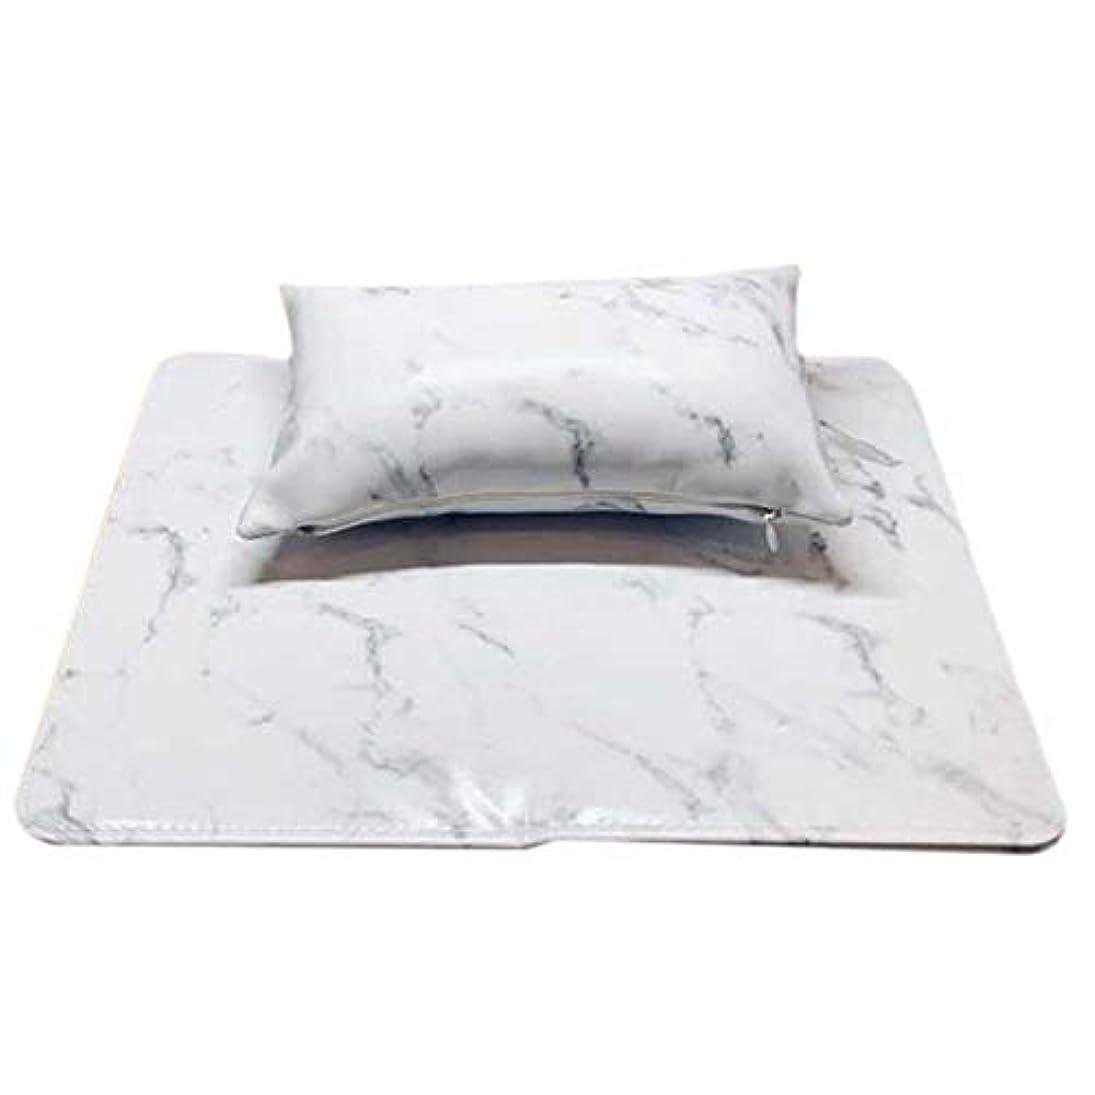 勧告過去チャールズキージングCUHAWUDBA マニキュアツール ソフトハンドクッション枕とパッドレストネイルアートアームレストホルダー マニキュアネイルアートアクセサリーレザー(2個 一体化)ホワイト